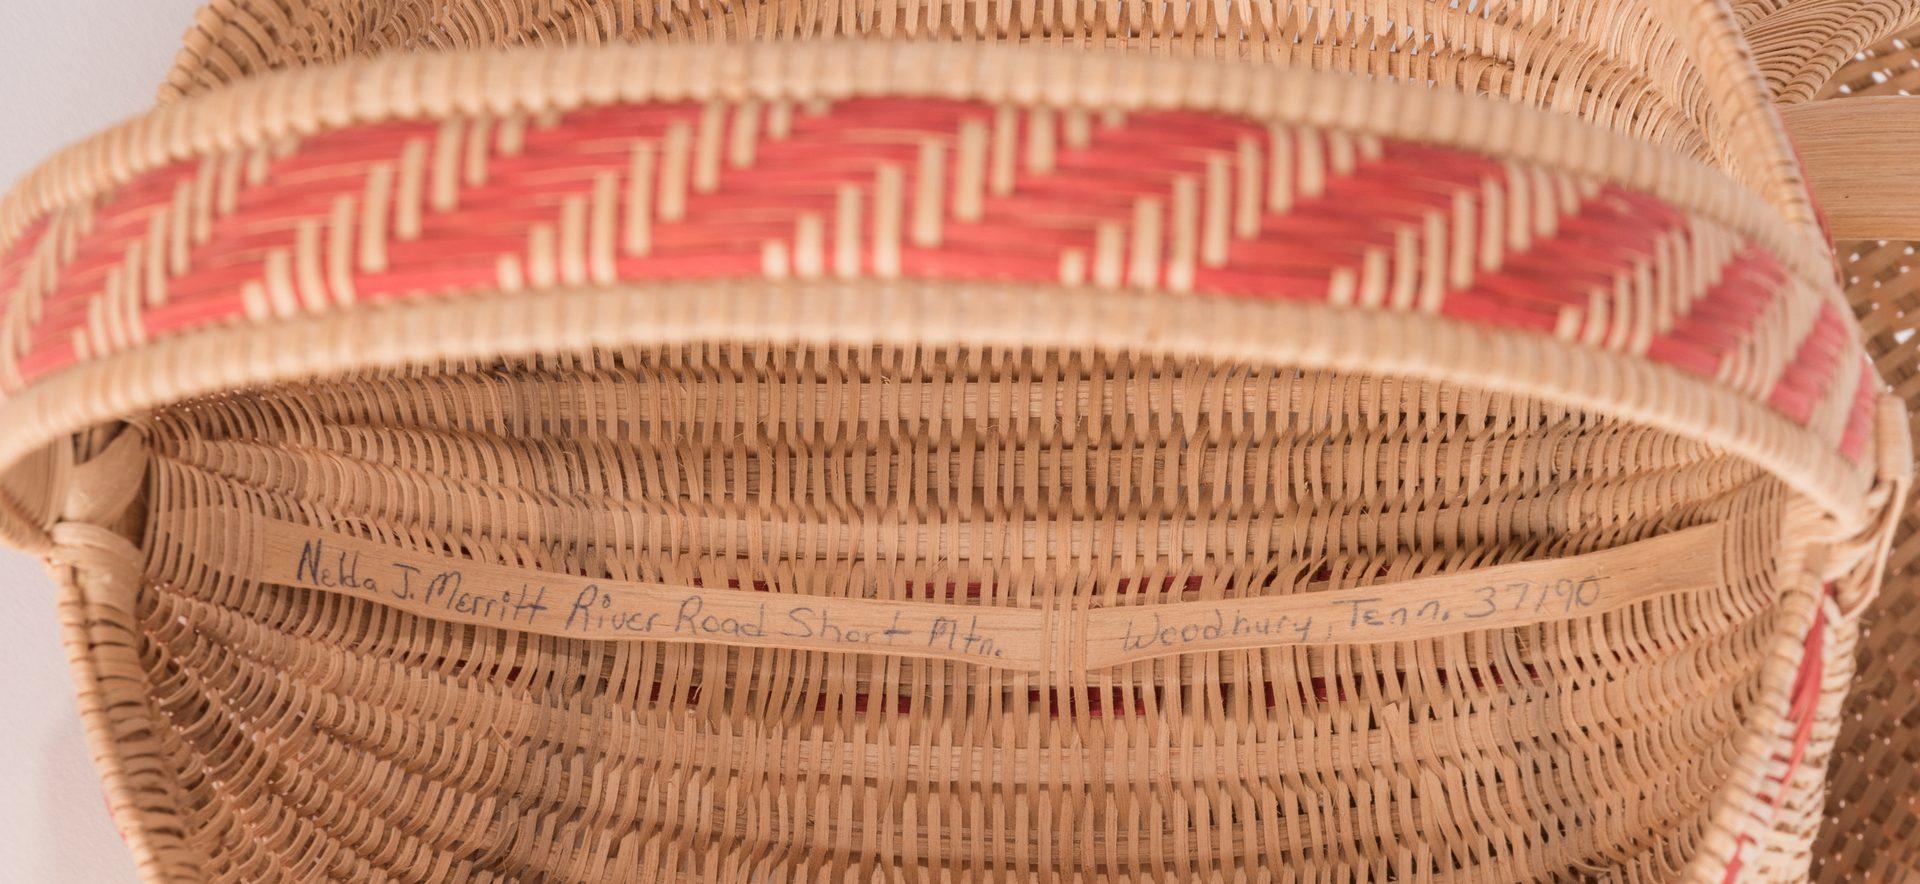 Lot 814: 5 Contemporary TN & NC Split Oak Baskets